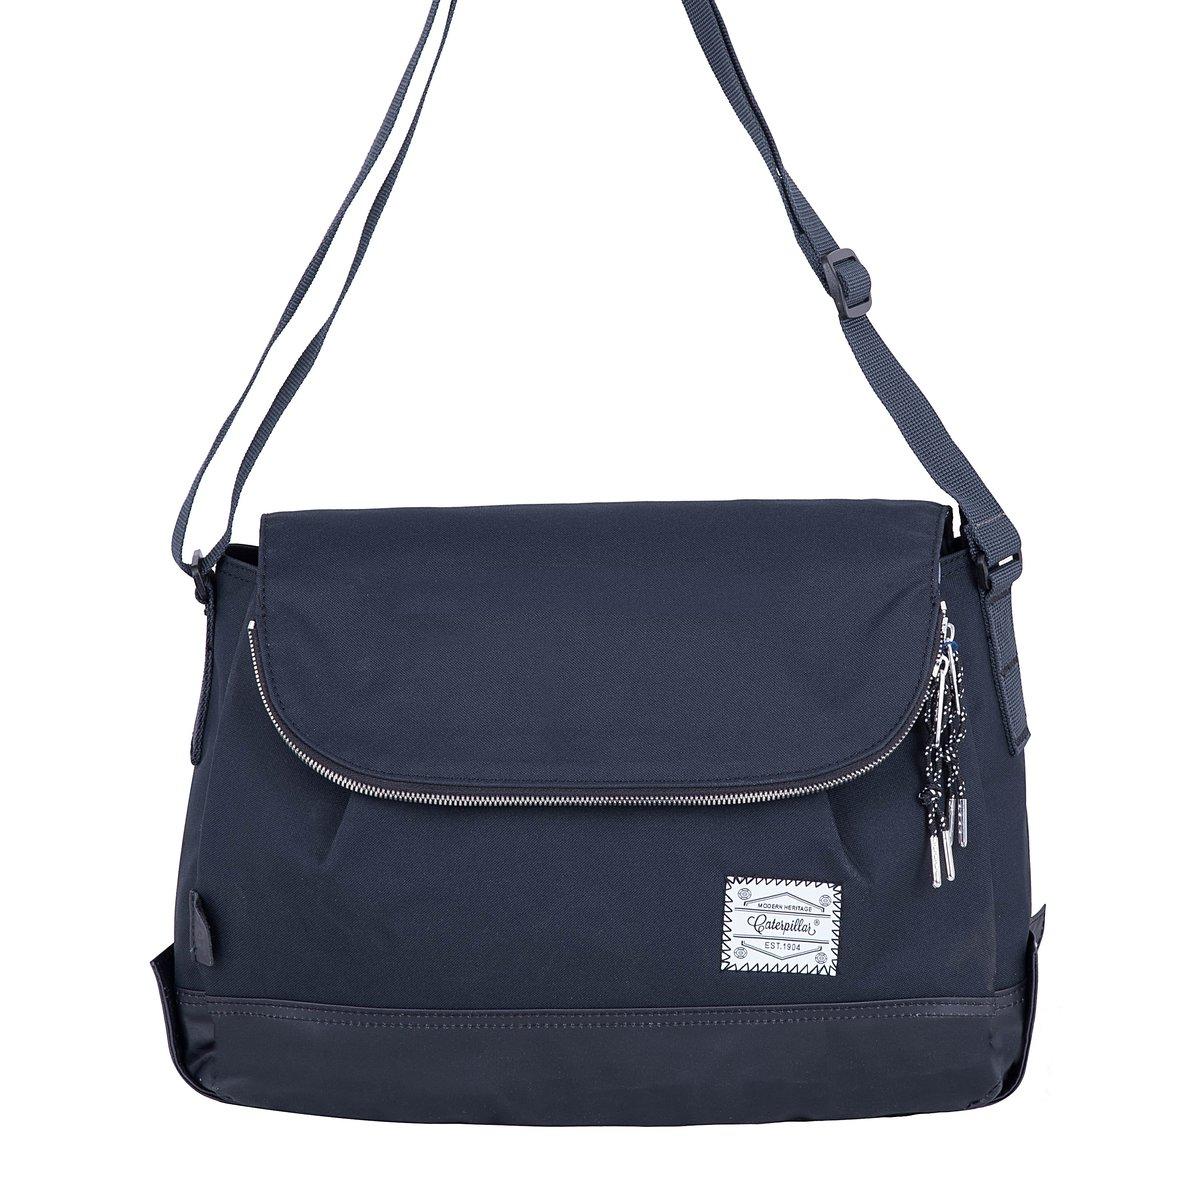 Essential Rebel Round Shoulder Bag (Black)